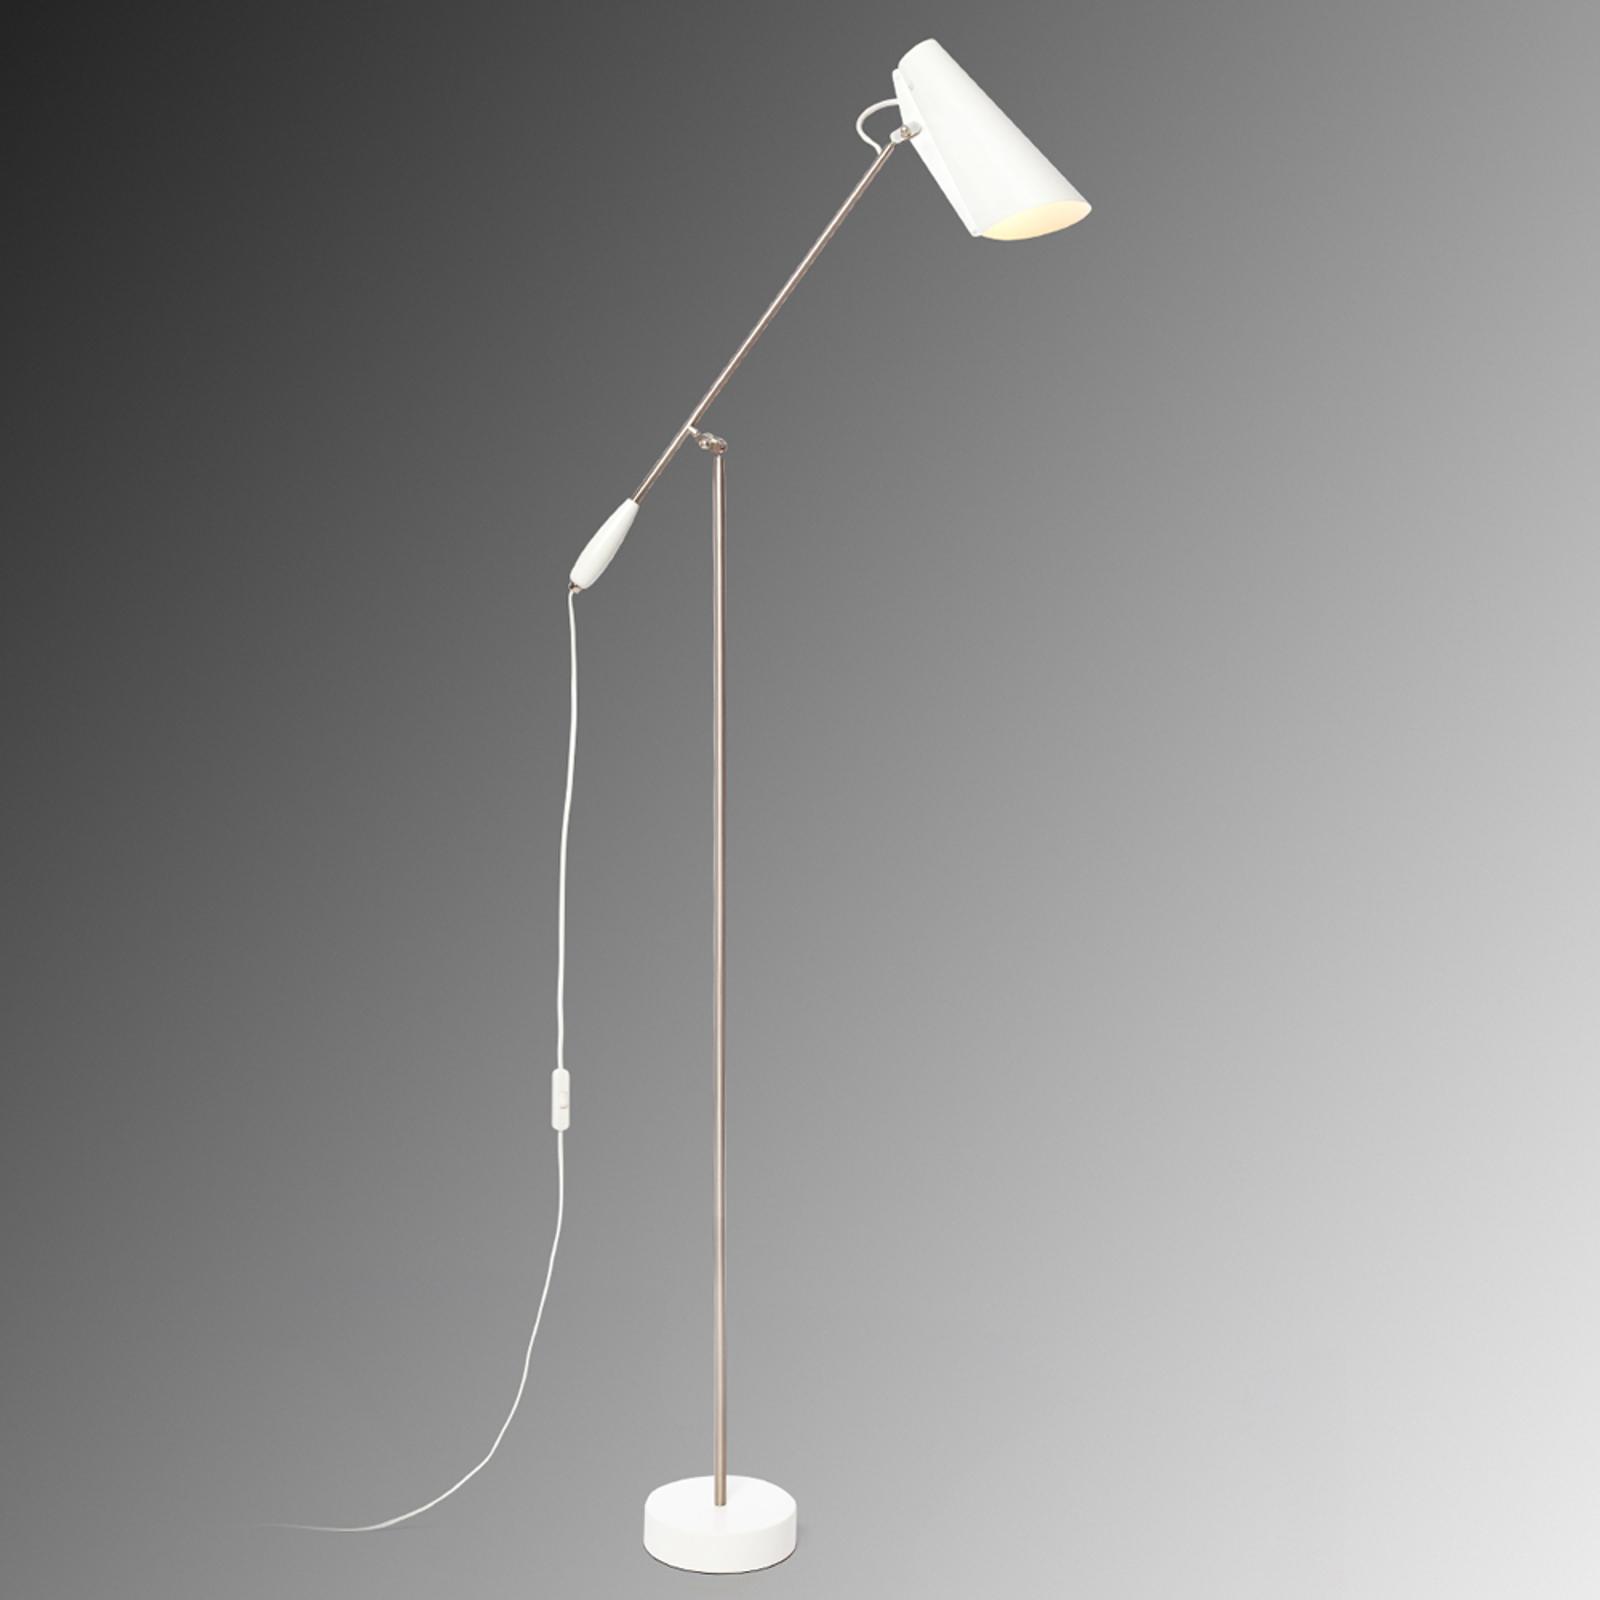 Biała lampa stojąca BIRDY w stylu retro